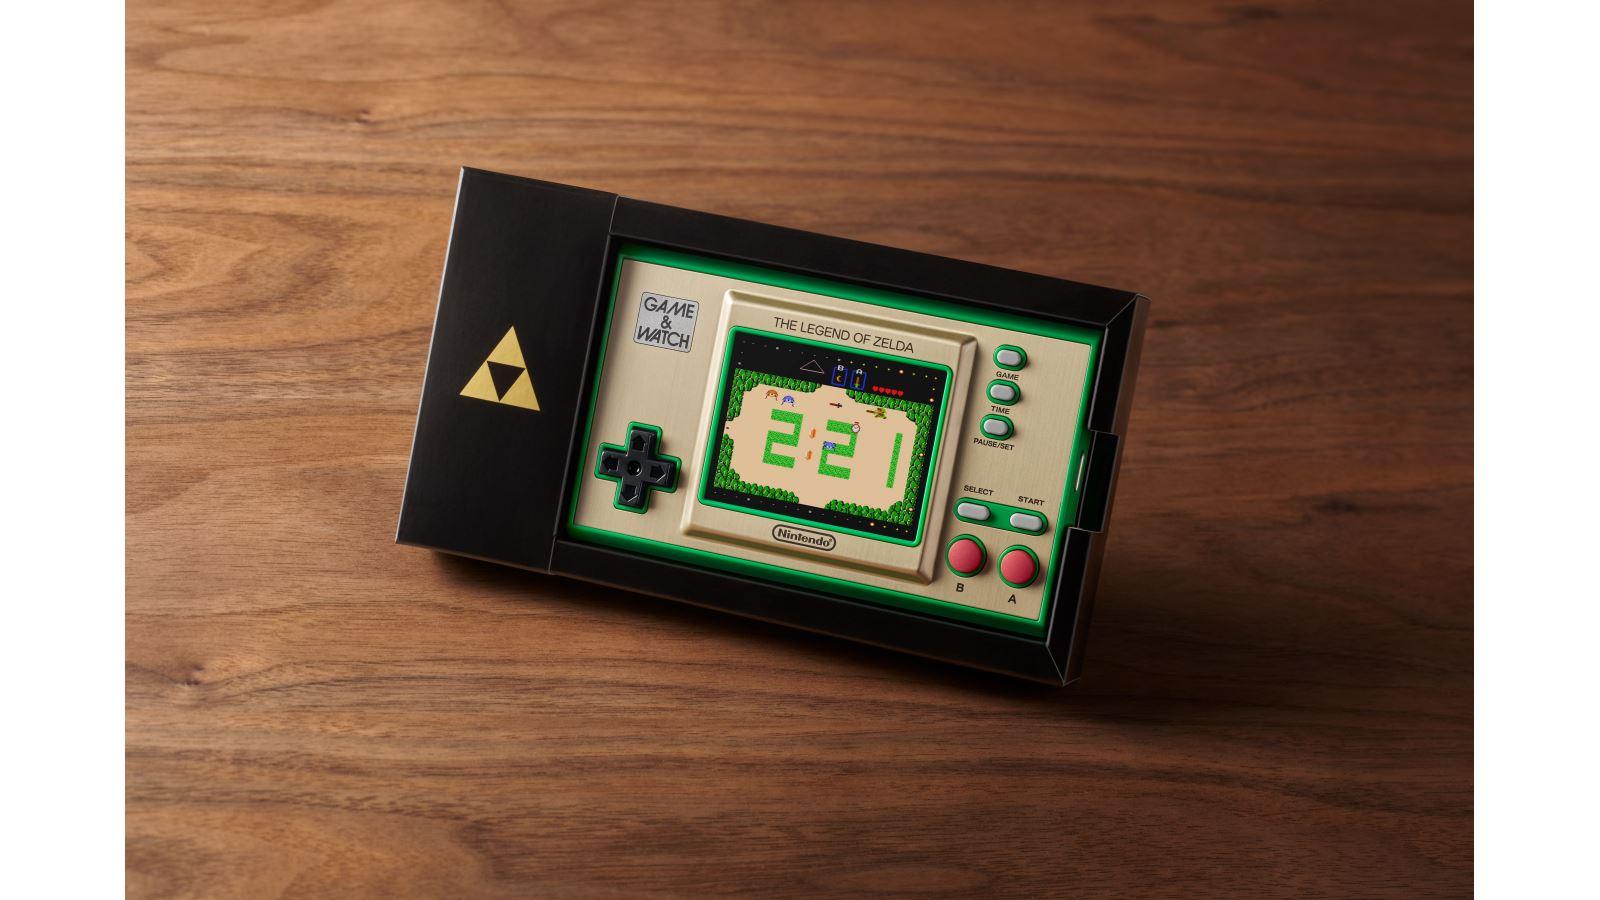 קונסולת Game & Watch עם קלאסיקות מסדרת The Legend of Zelda